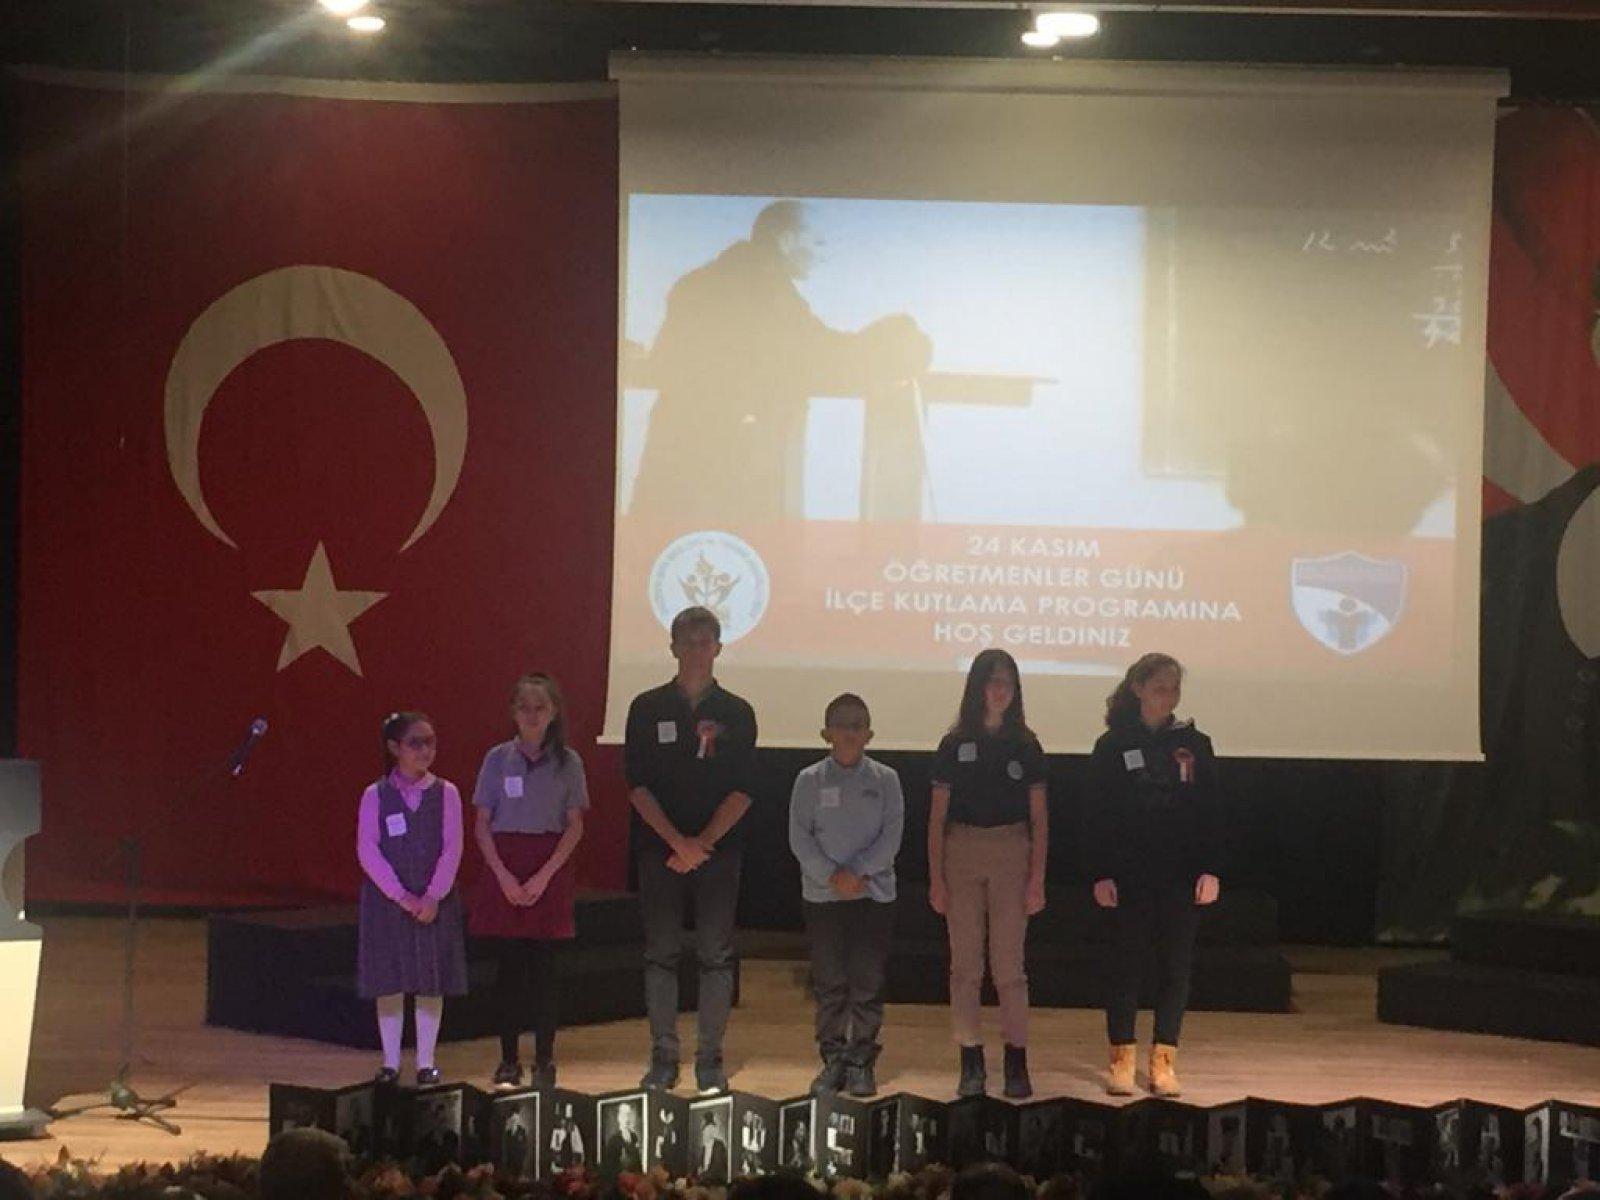 24 Kasım Öğretmenler Günü Şiir ve Kompozisyon Yarışması